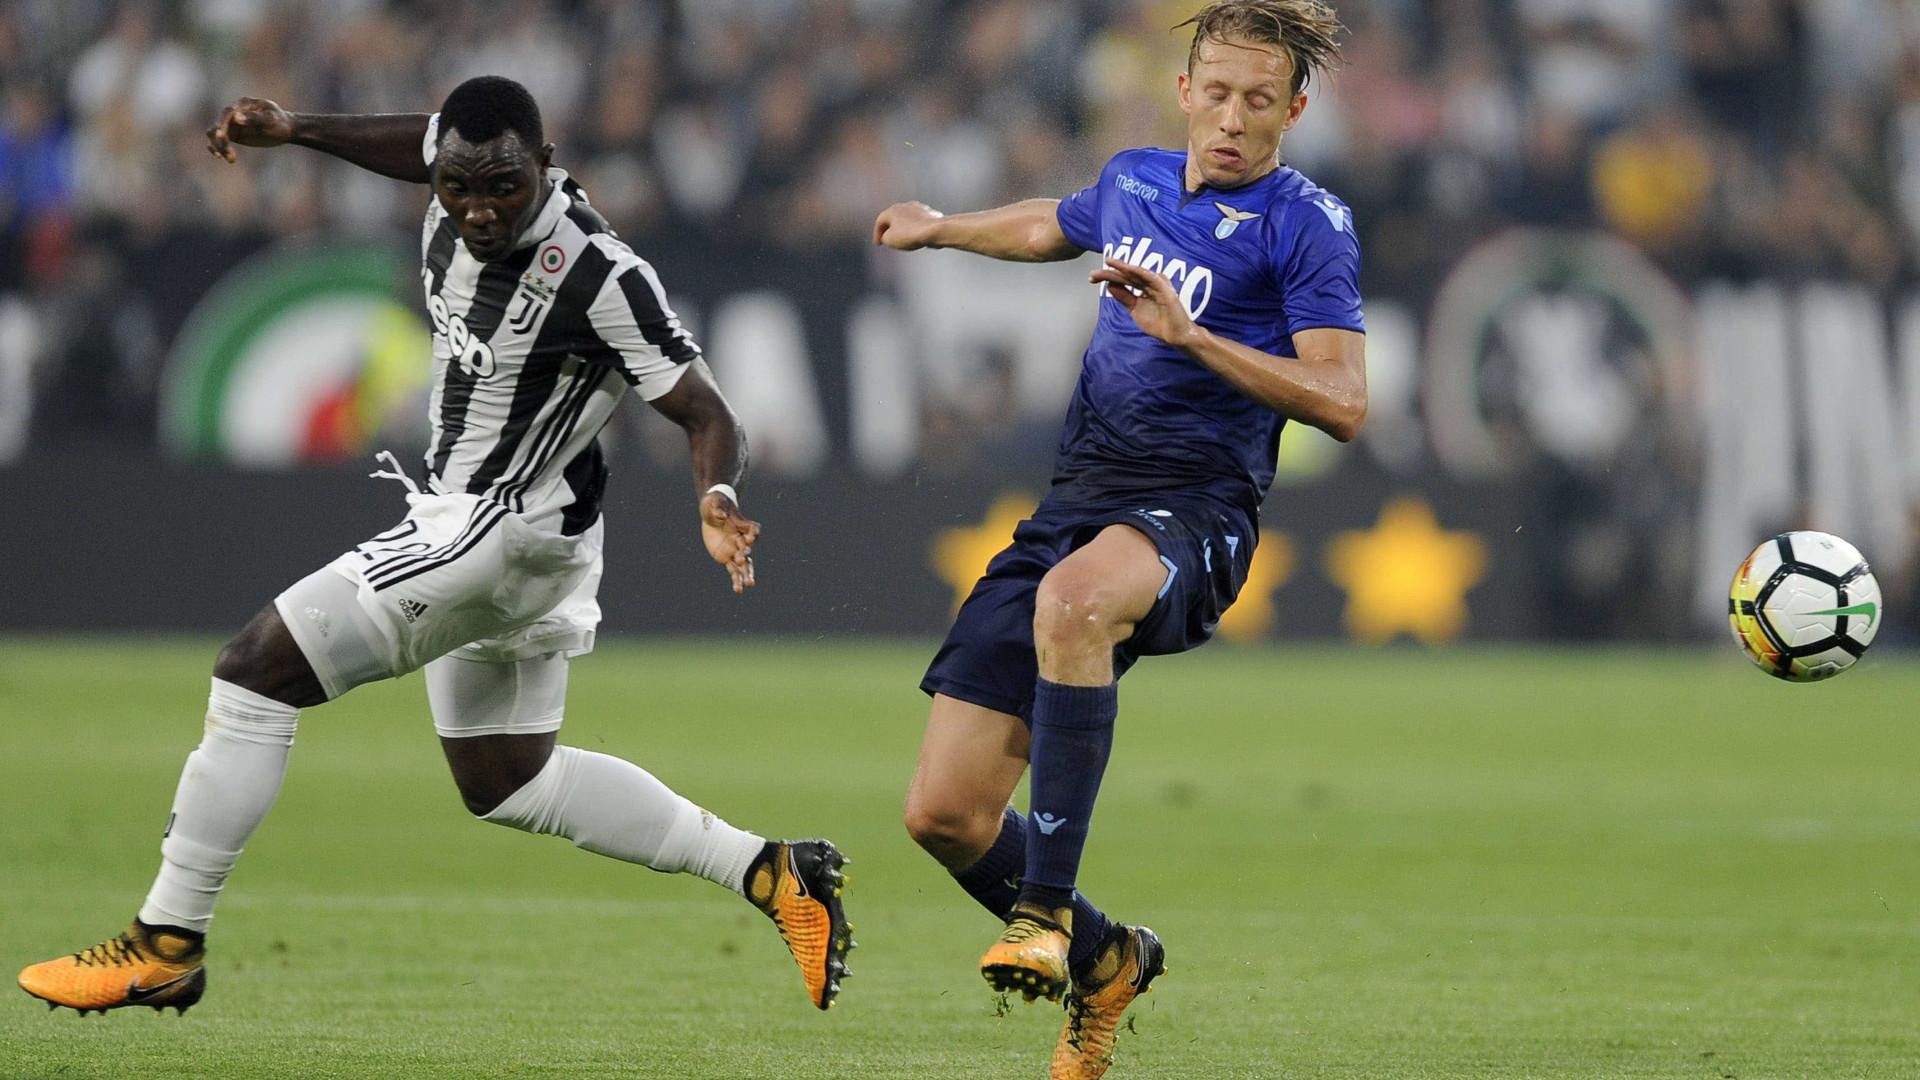 Há mais uma despedida da Juventus depois de Buffon